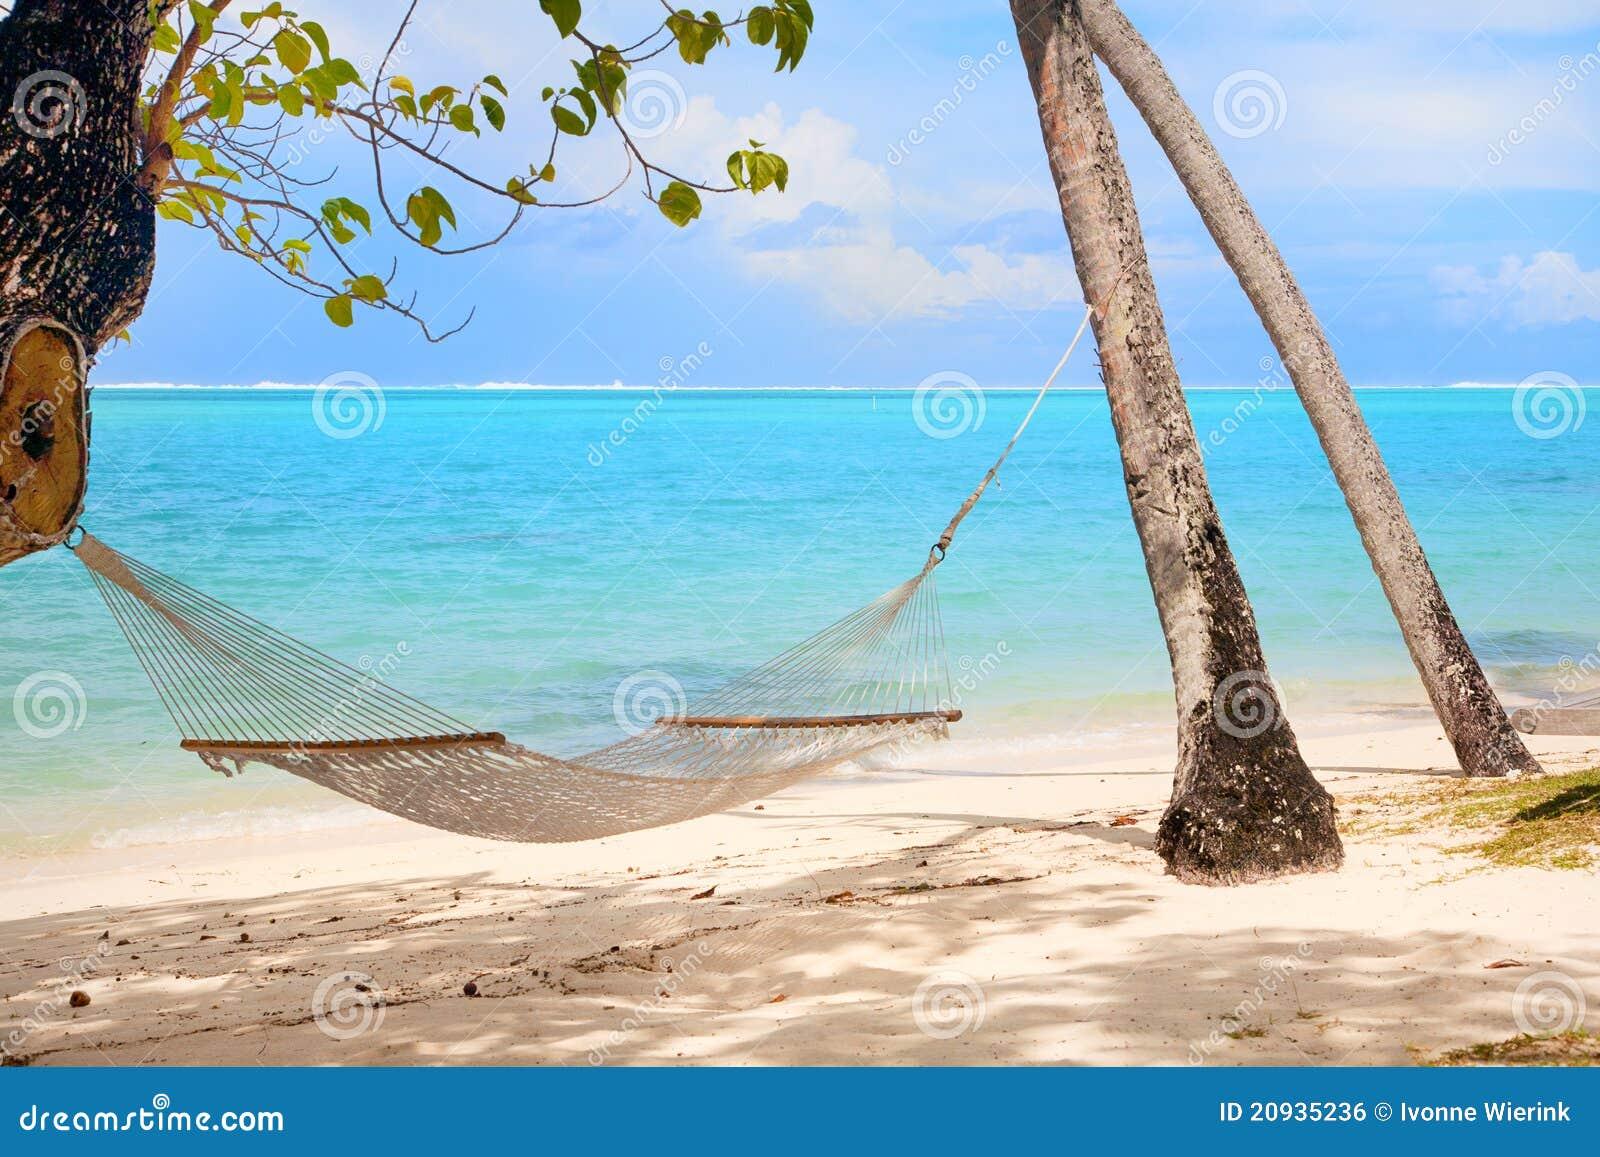 Hamaca En La Playa Tropical Imagen De Archivo Libre De